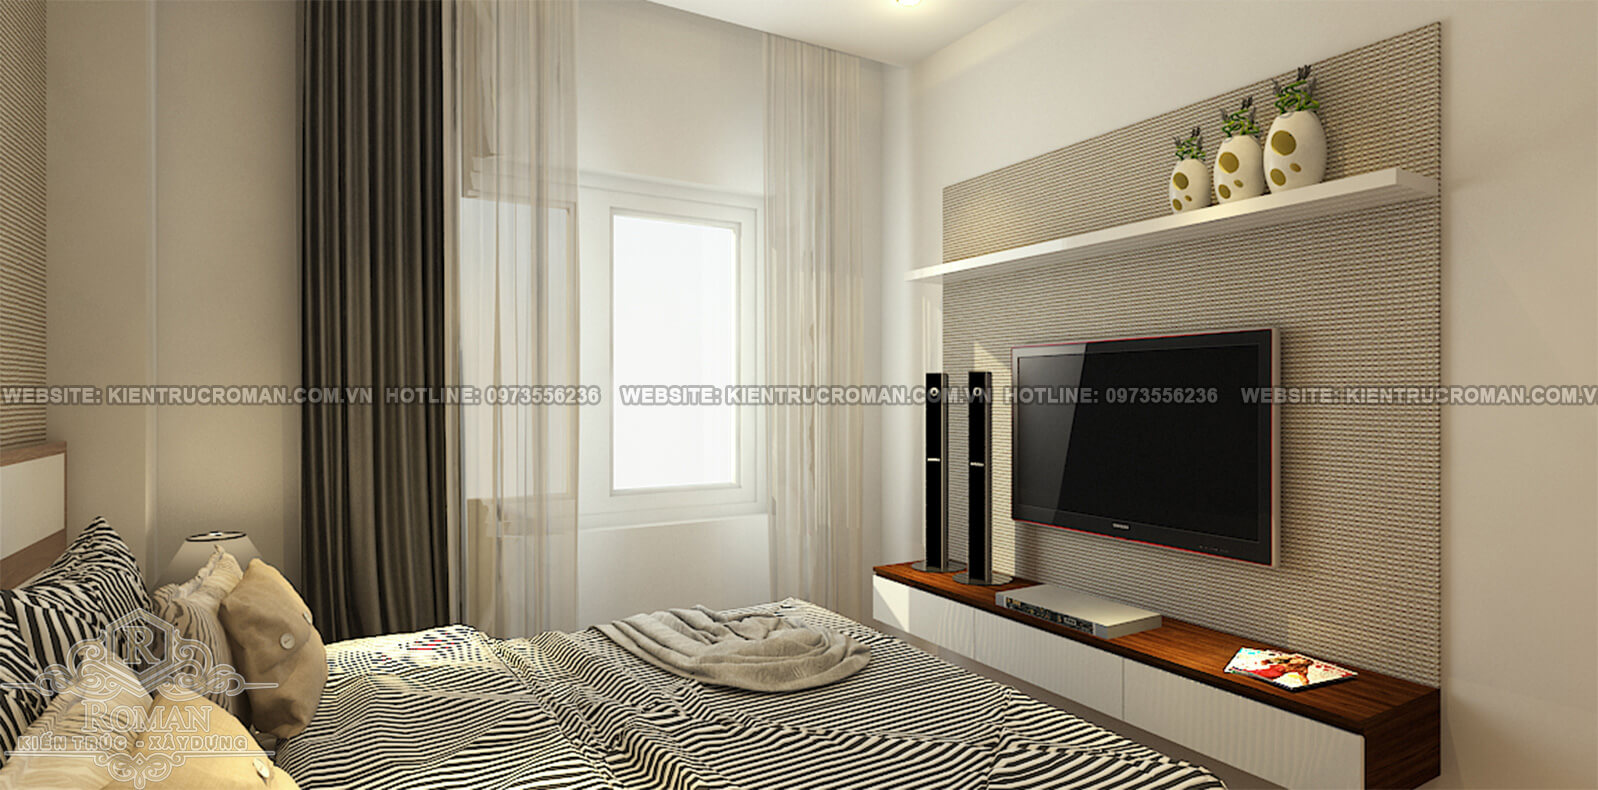 báo giá thiết kế nội thất chung cư 19